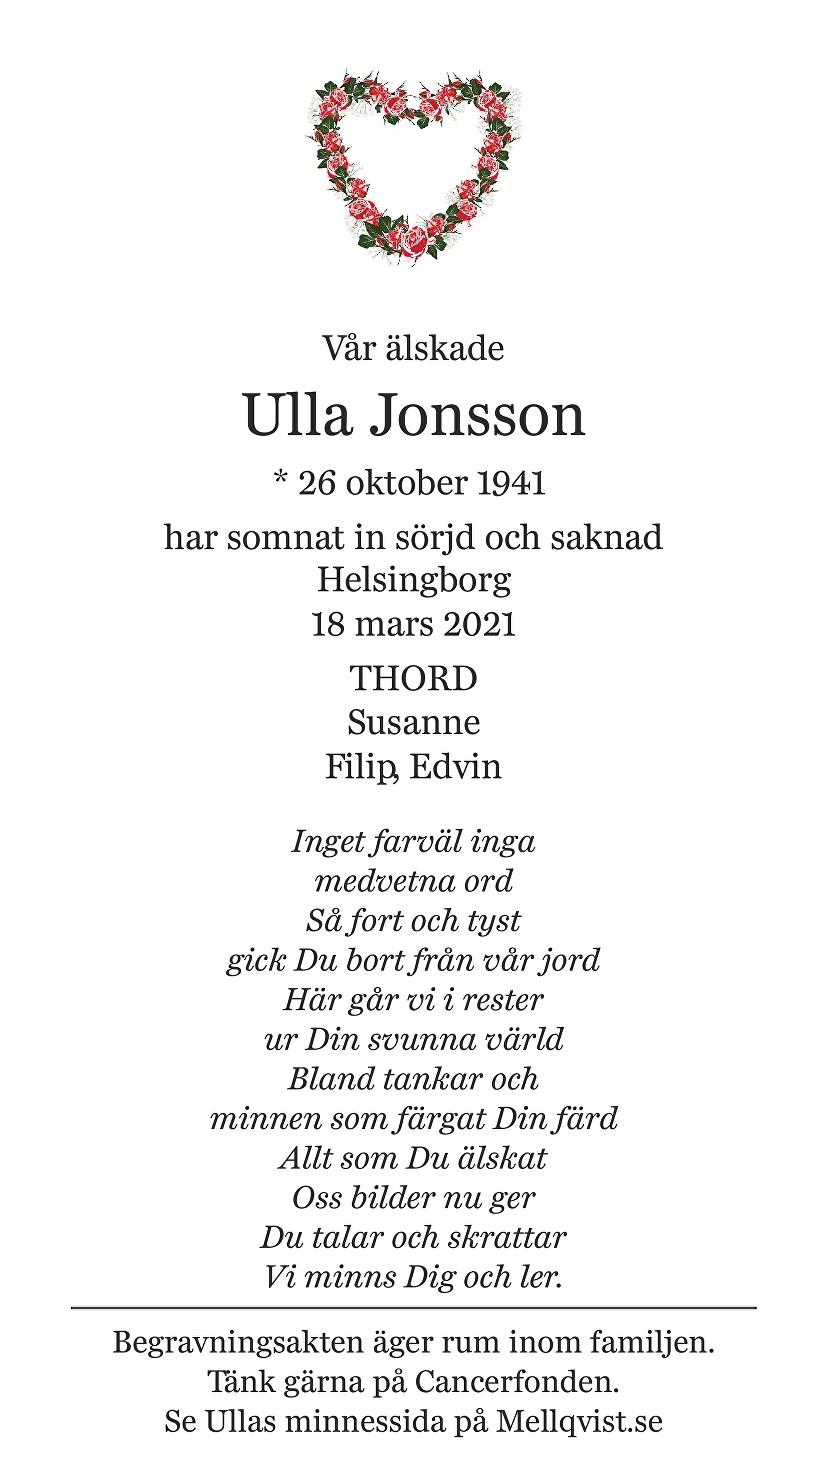 Ulla Jonsson Death notice